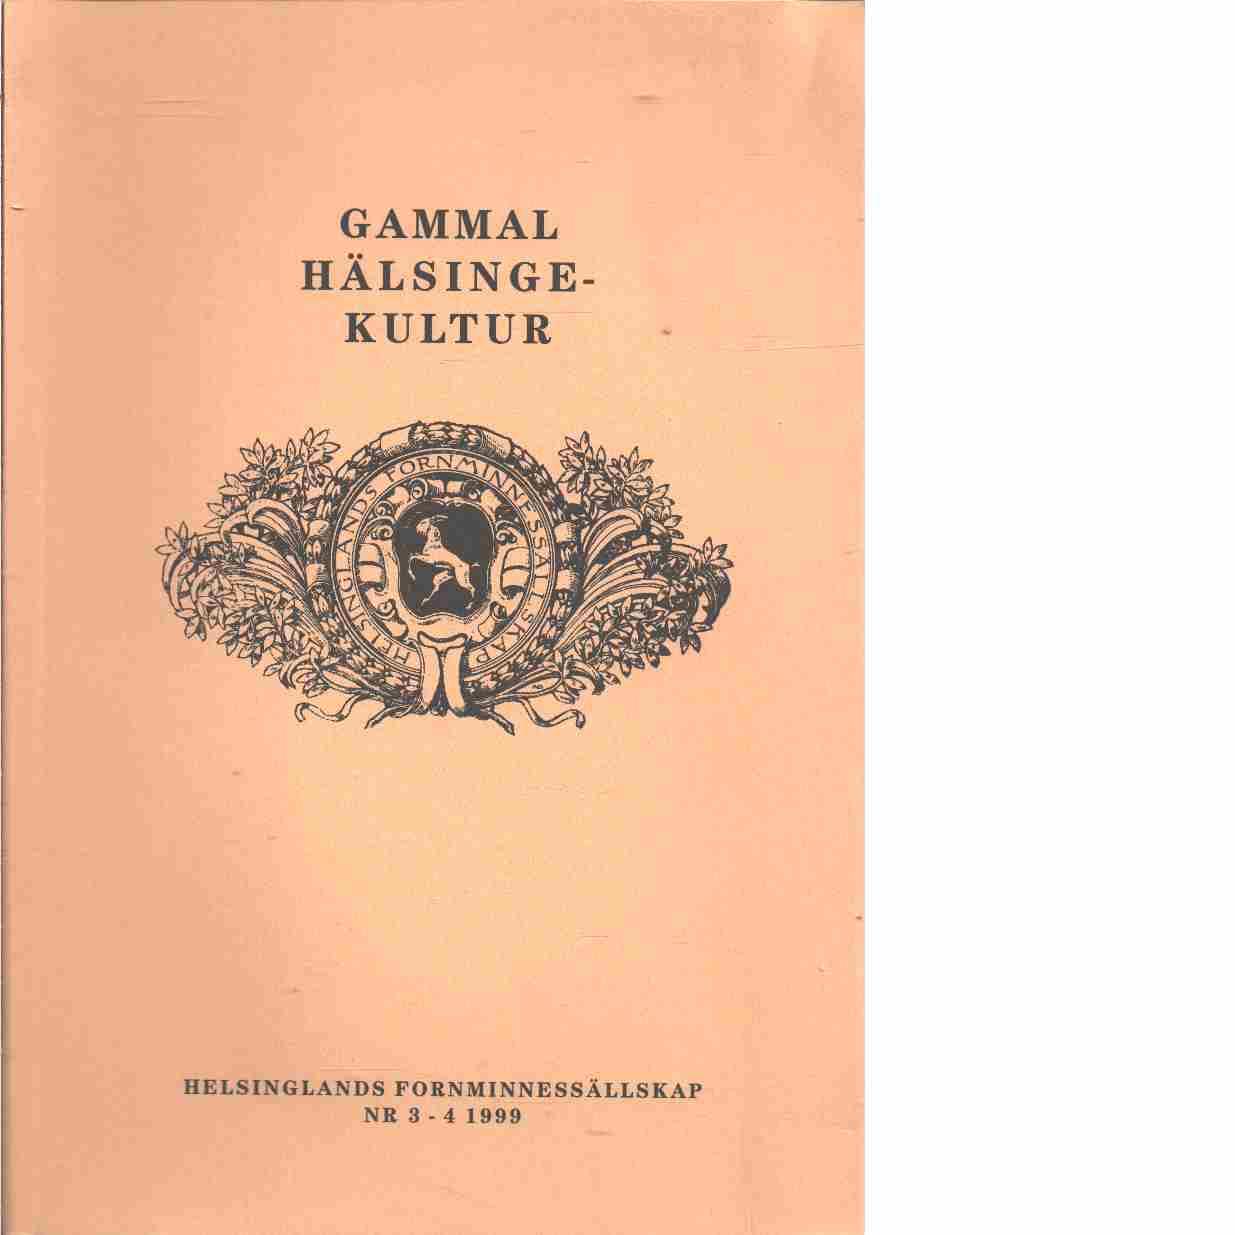 Gammal hälsingekultur : meddelanden från Hälsinglands fornminnessällskap N:r 3-4 1999 - Hälsinglands Fornminnessällskap